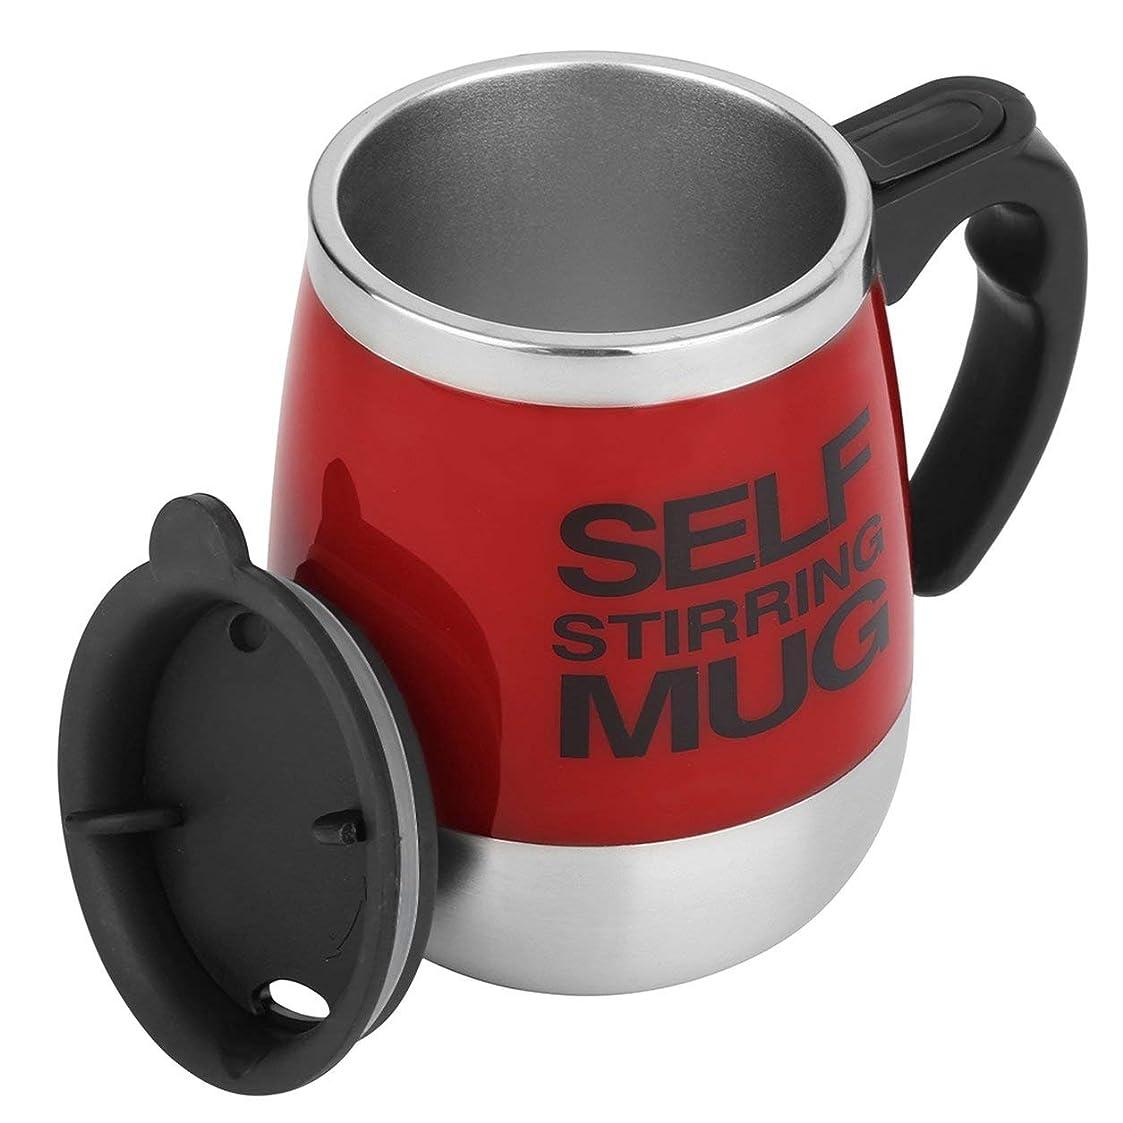 凍る剃る補うSaikogoods 450ミリリットル ステンレス鋼 自己攪拌マグカップ 自動ミキシング ティーコーヒーカップ 自動 電気コーヒーカップを飲みます 赤